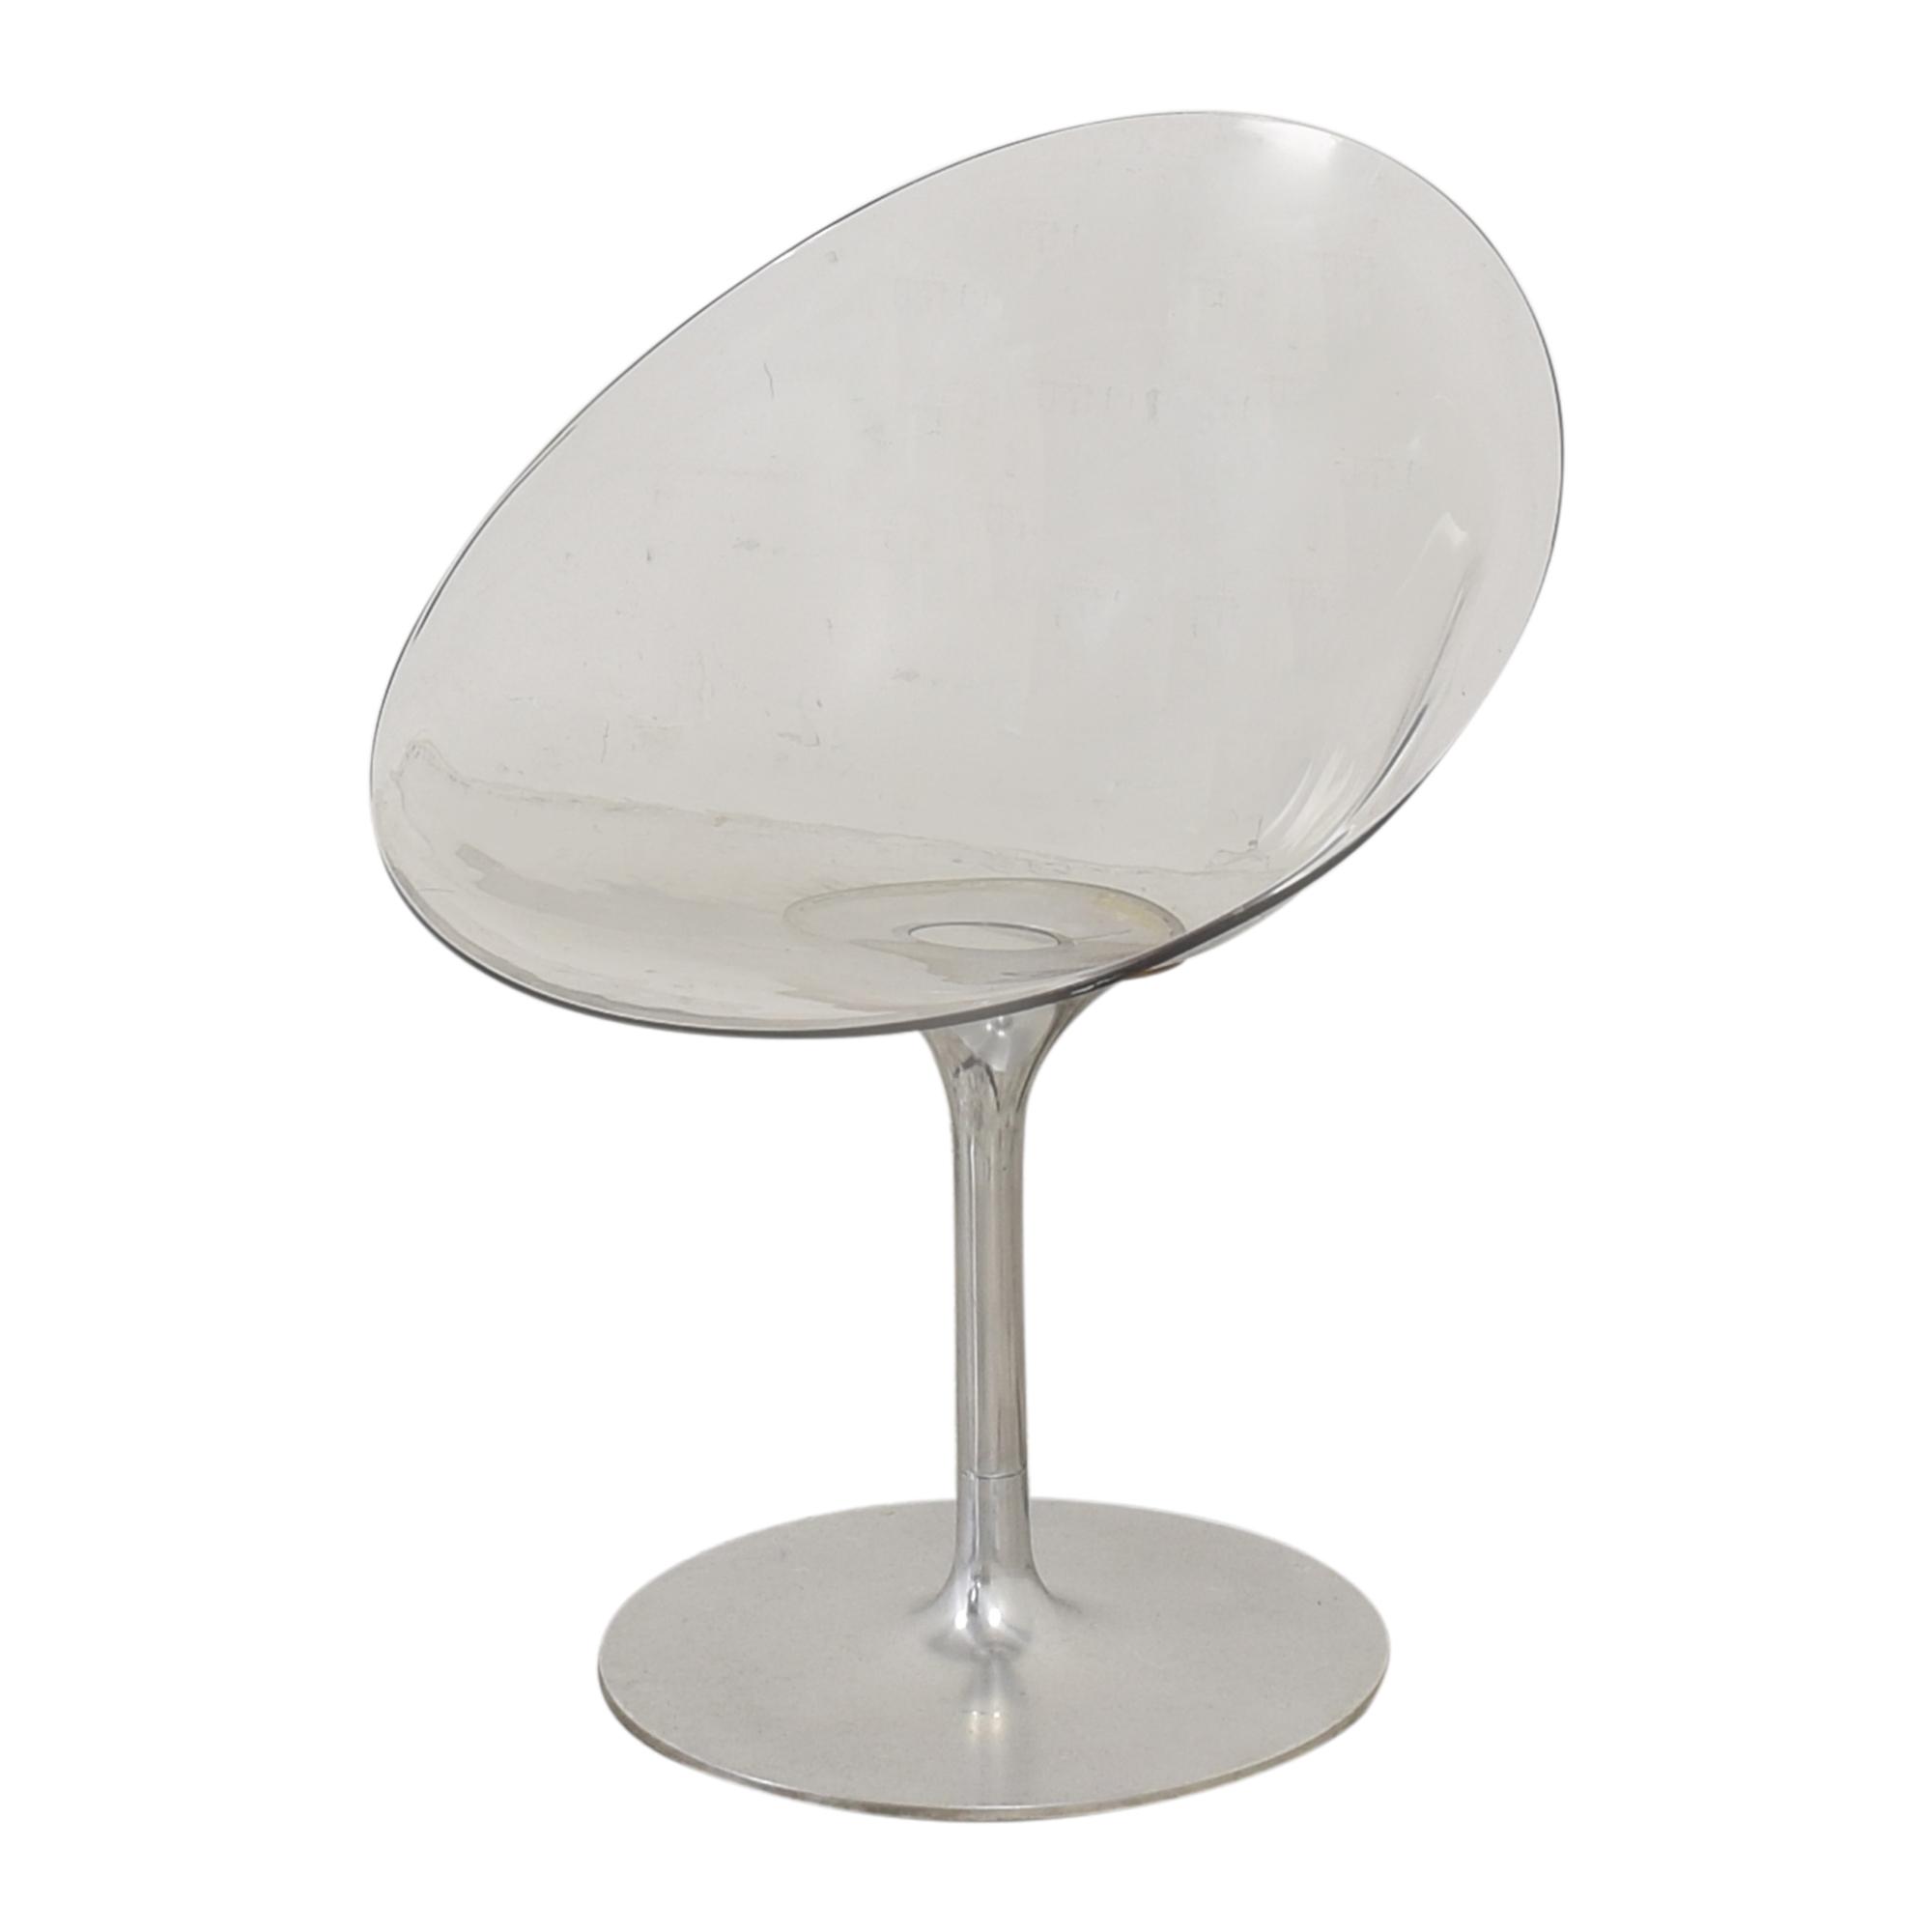 Kartell by Philippe Starck Ero s  Swivel Chairs Kartell